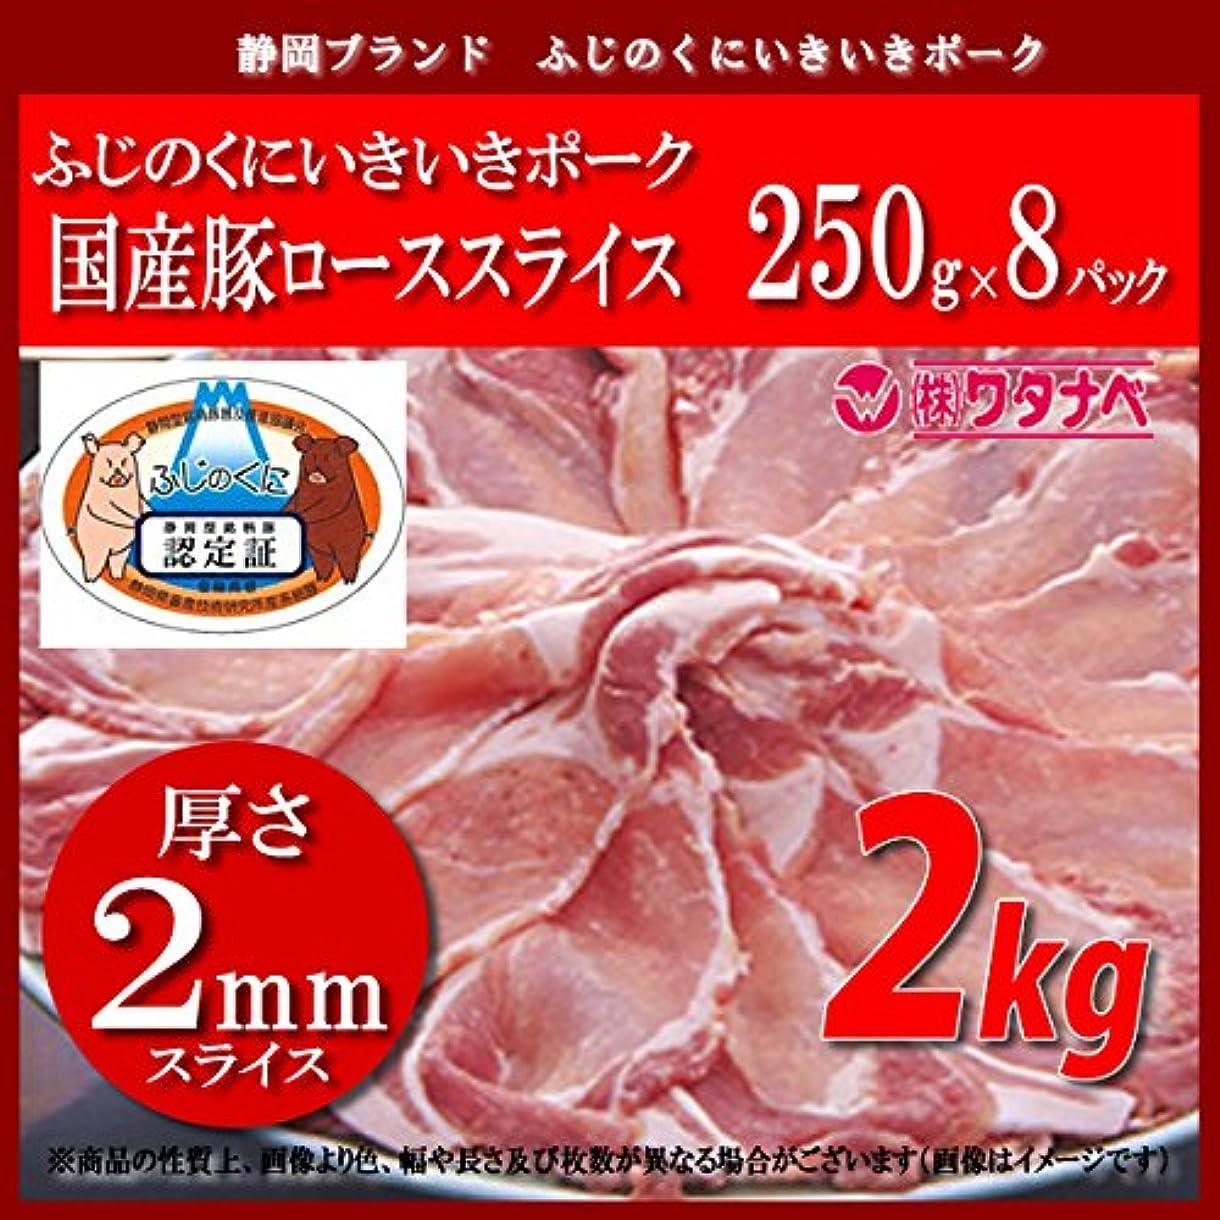 トーナメント唇経験冷凍 静岡型銘柄豚 ふじのくに いきいきポーク 国産豚ローススライス 250g×8パック 計 2kg 厚さ2mm 小分け 真空パックでお届